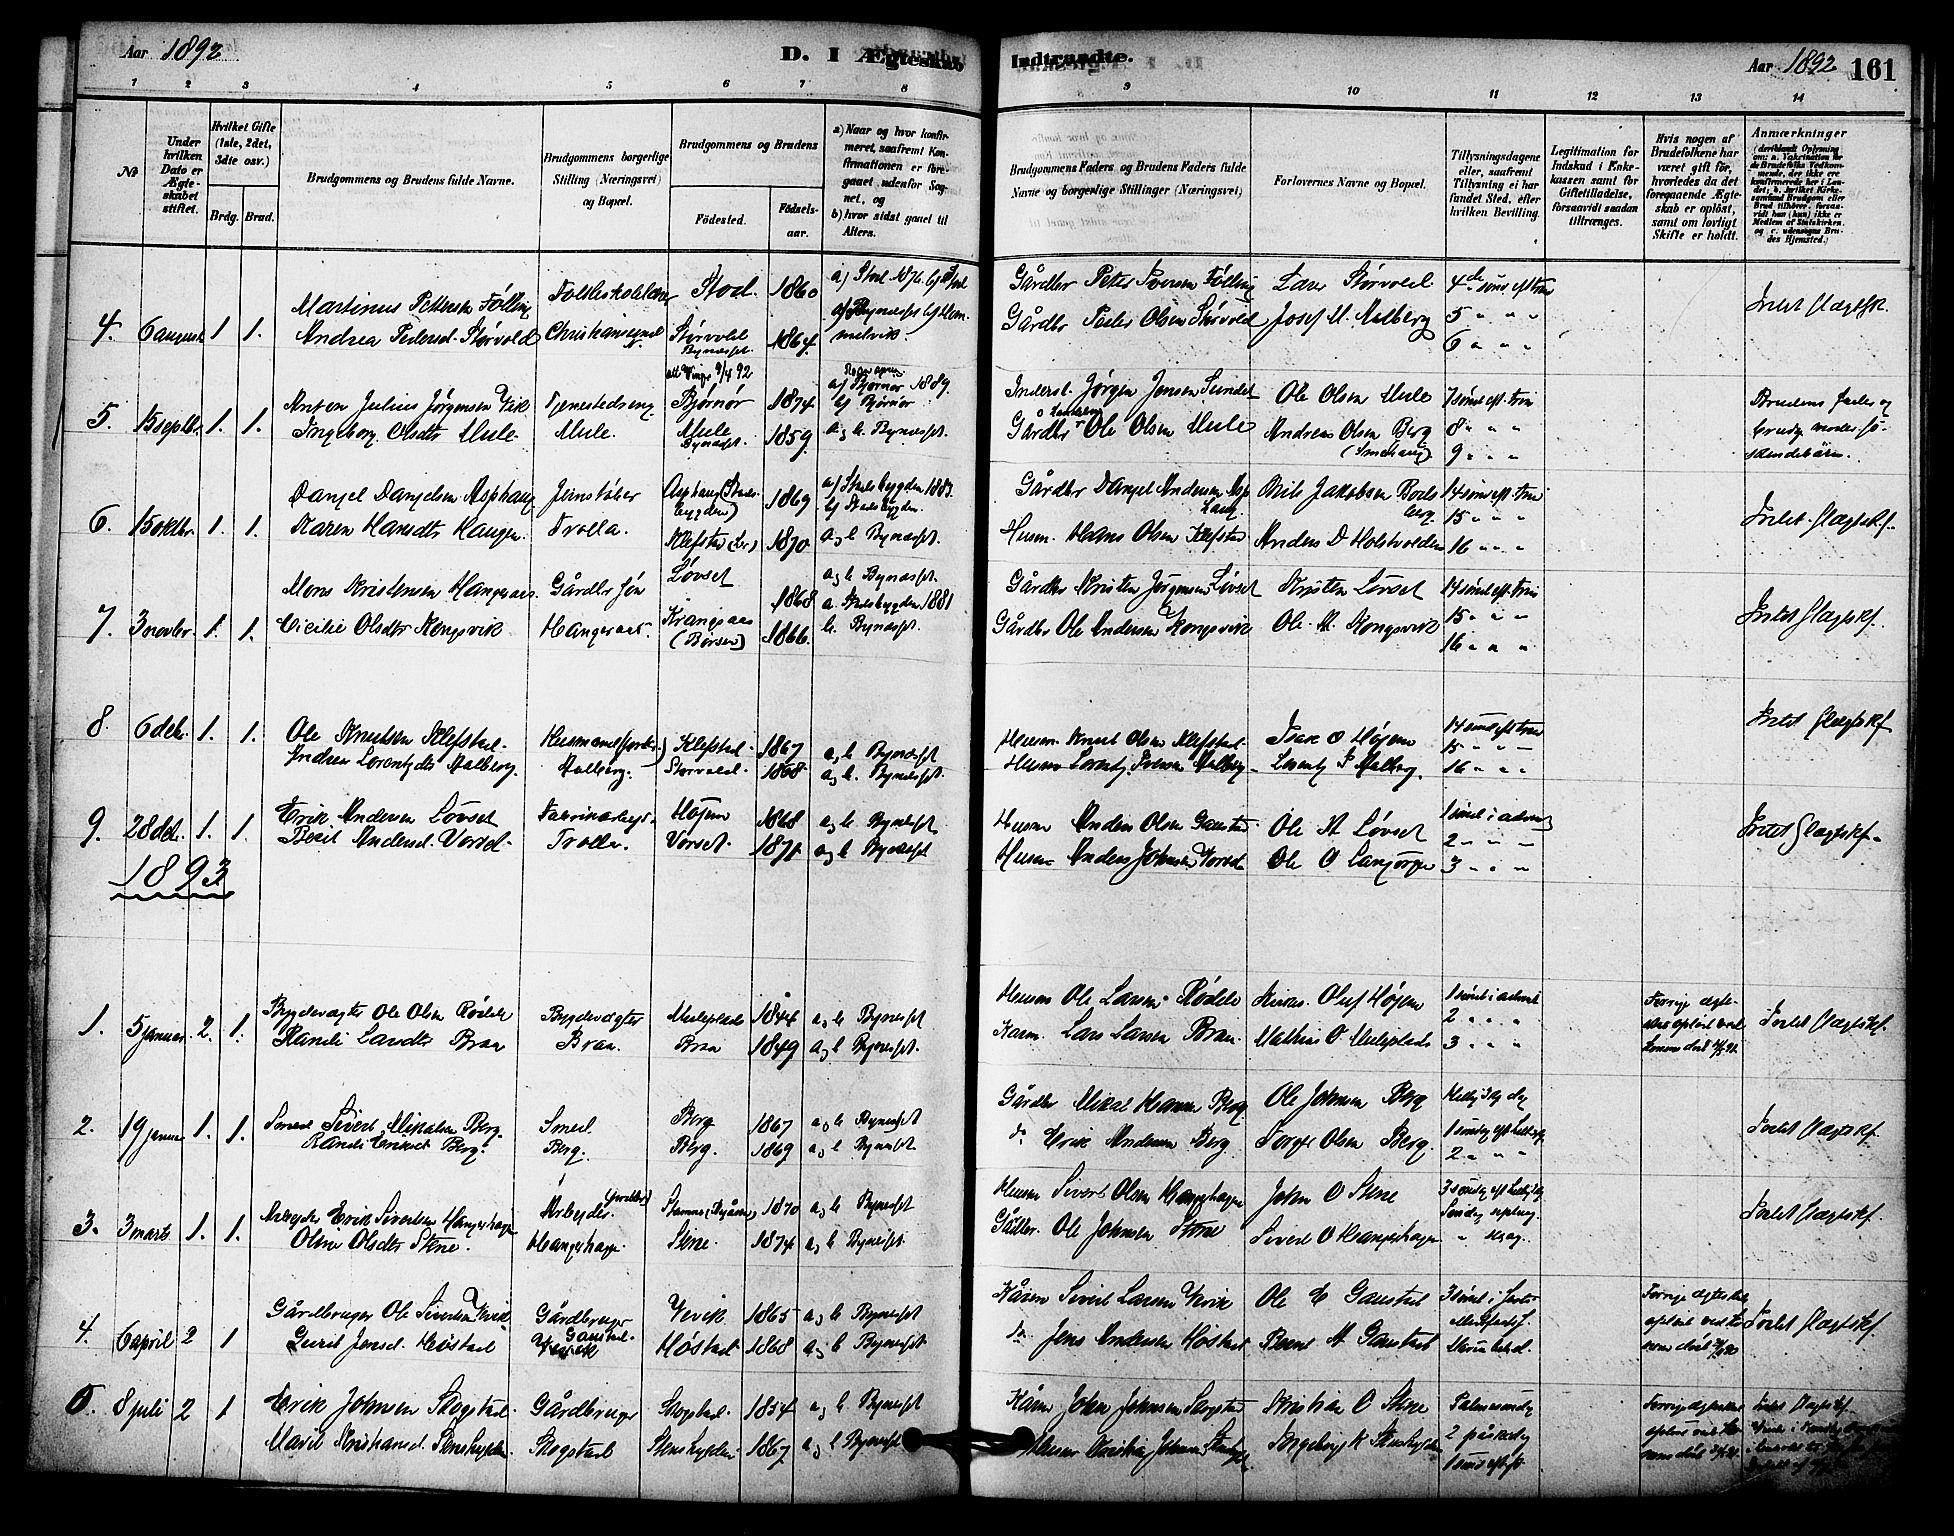 SAT, Ministerialprotokoller, klokkerbøker og fødselsregistre - Sør-Trøndelag, 612/L0378: Ministerialbok nr. 612A10, 1878-1897, s. 161